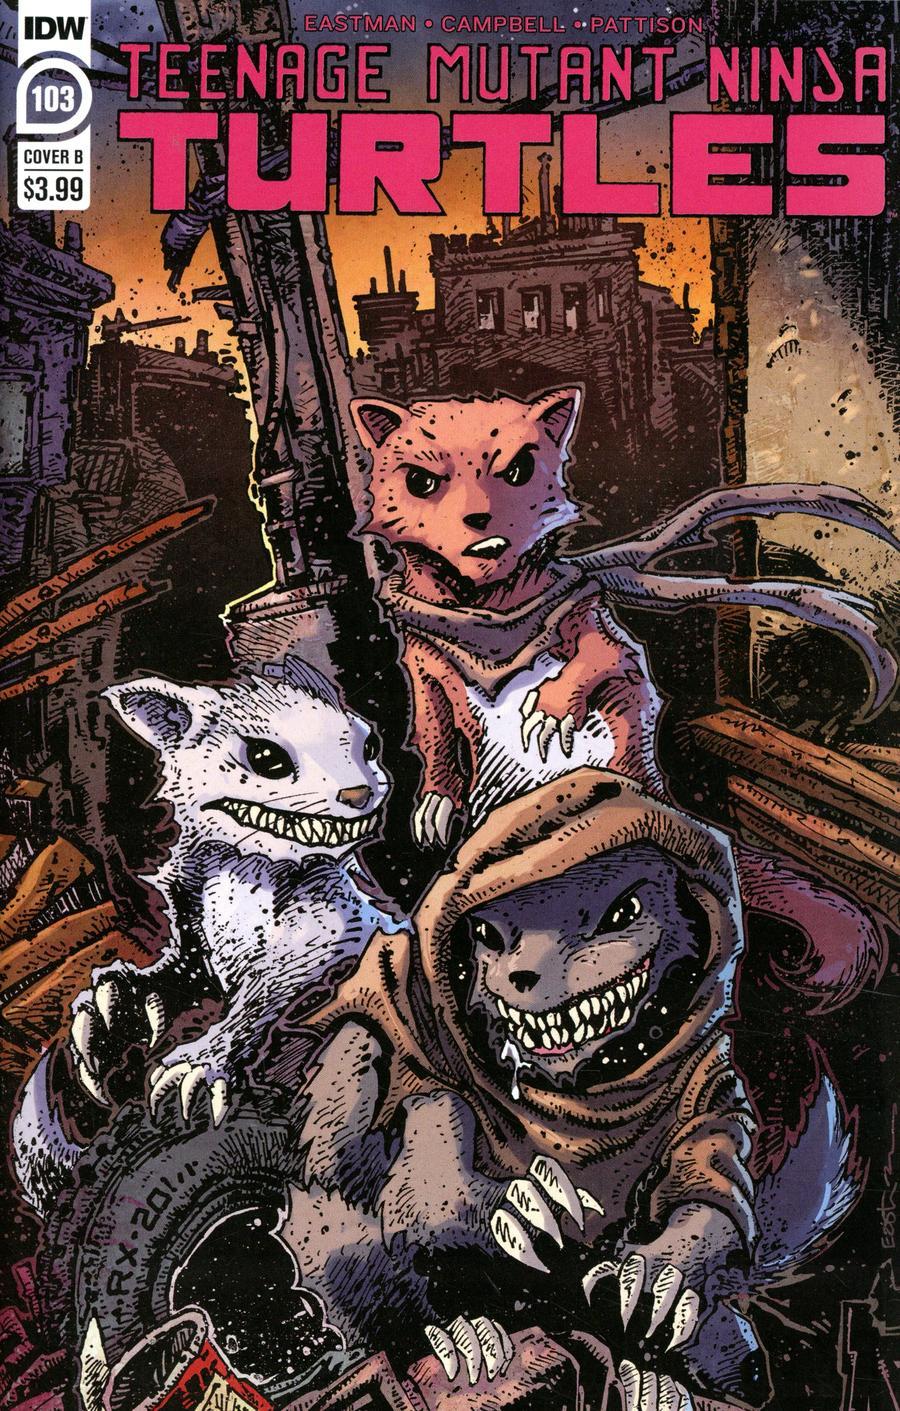 Teenage Mutant Ninja Turtles Vol 5 #103 Cover B Variant Kevin Eastman Cover